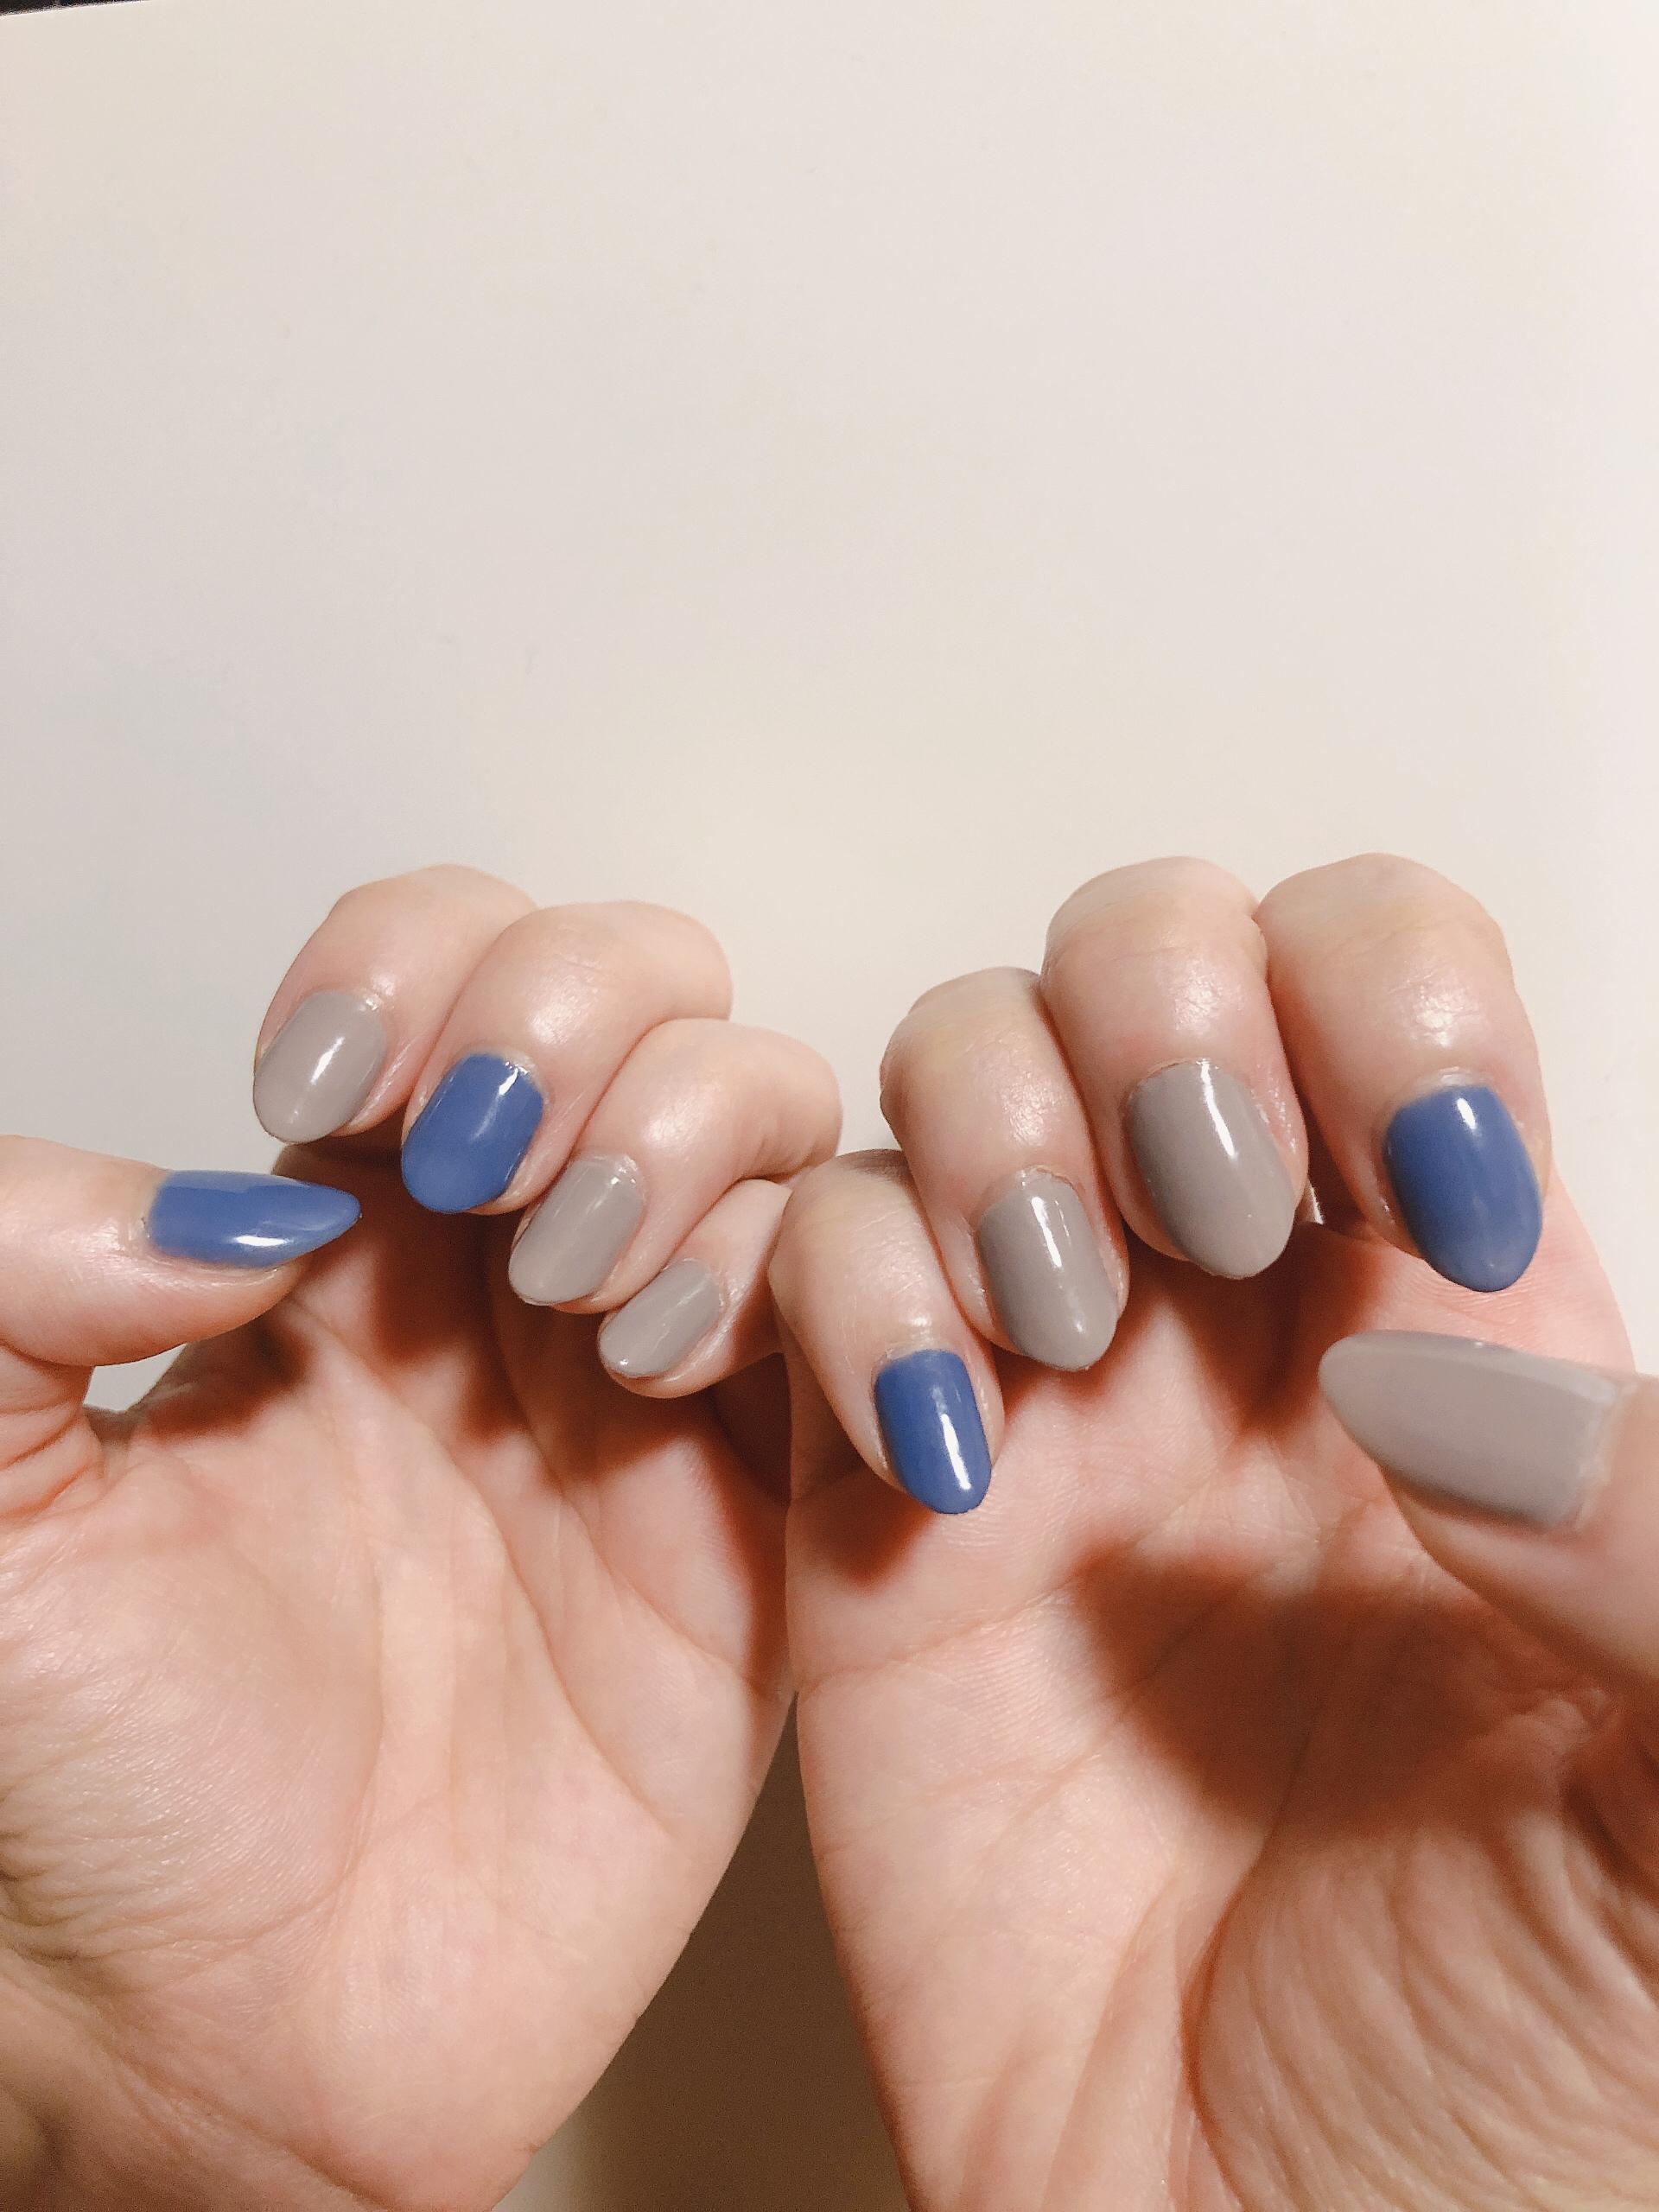 グレーとブルーのワントーンネイル